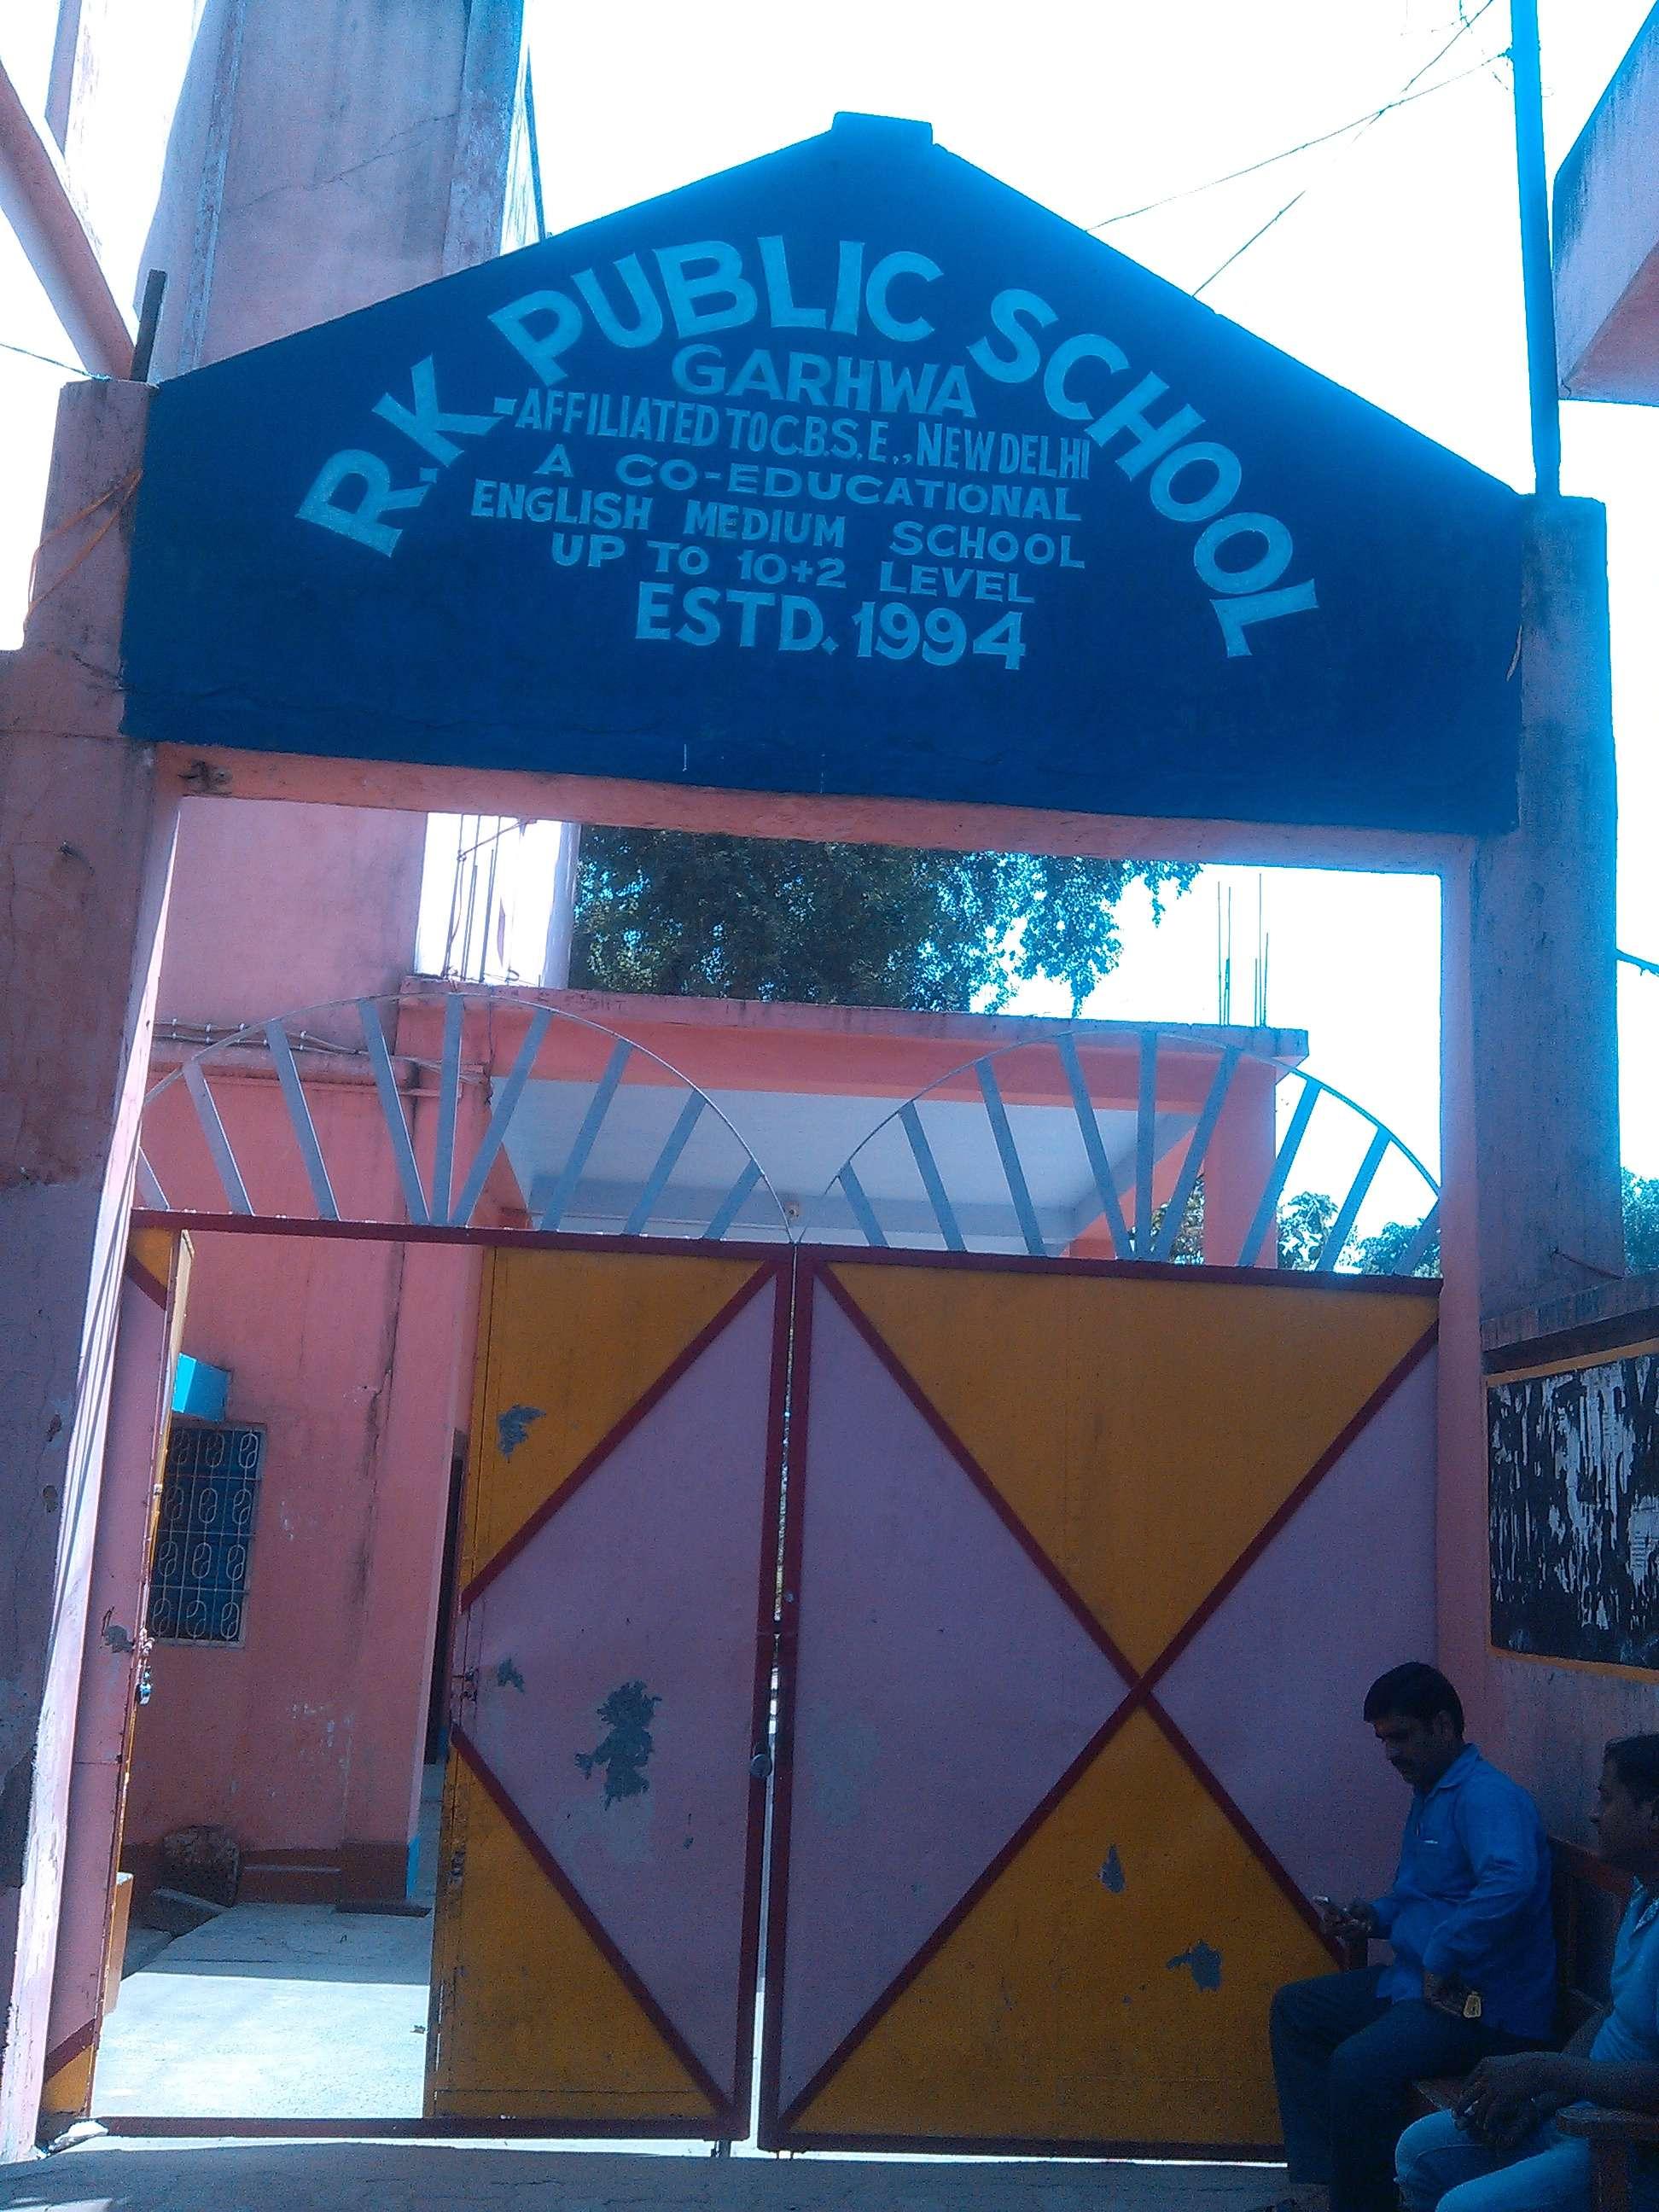 R K PUBLIC SCHOOL SONPURWA AT PO GARHWA DIST GARHWA JHARKHAND 3430164